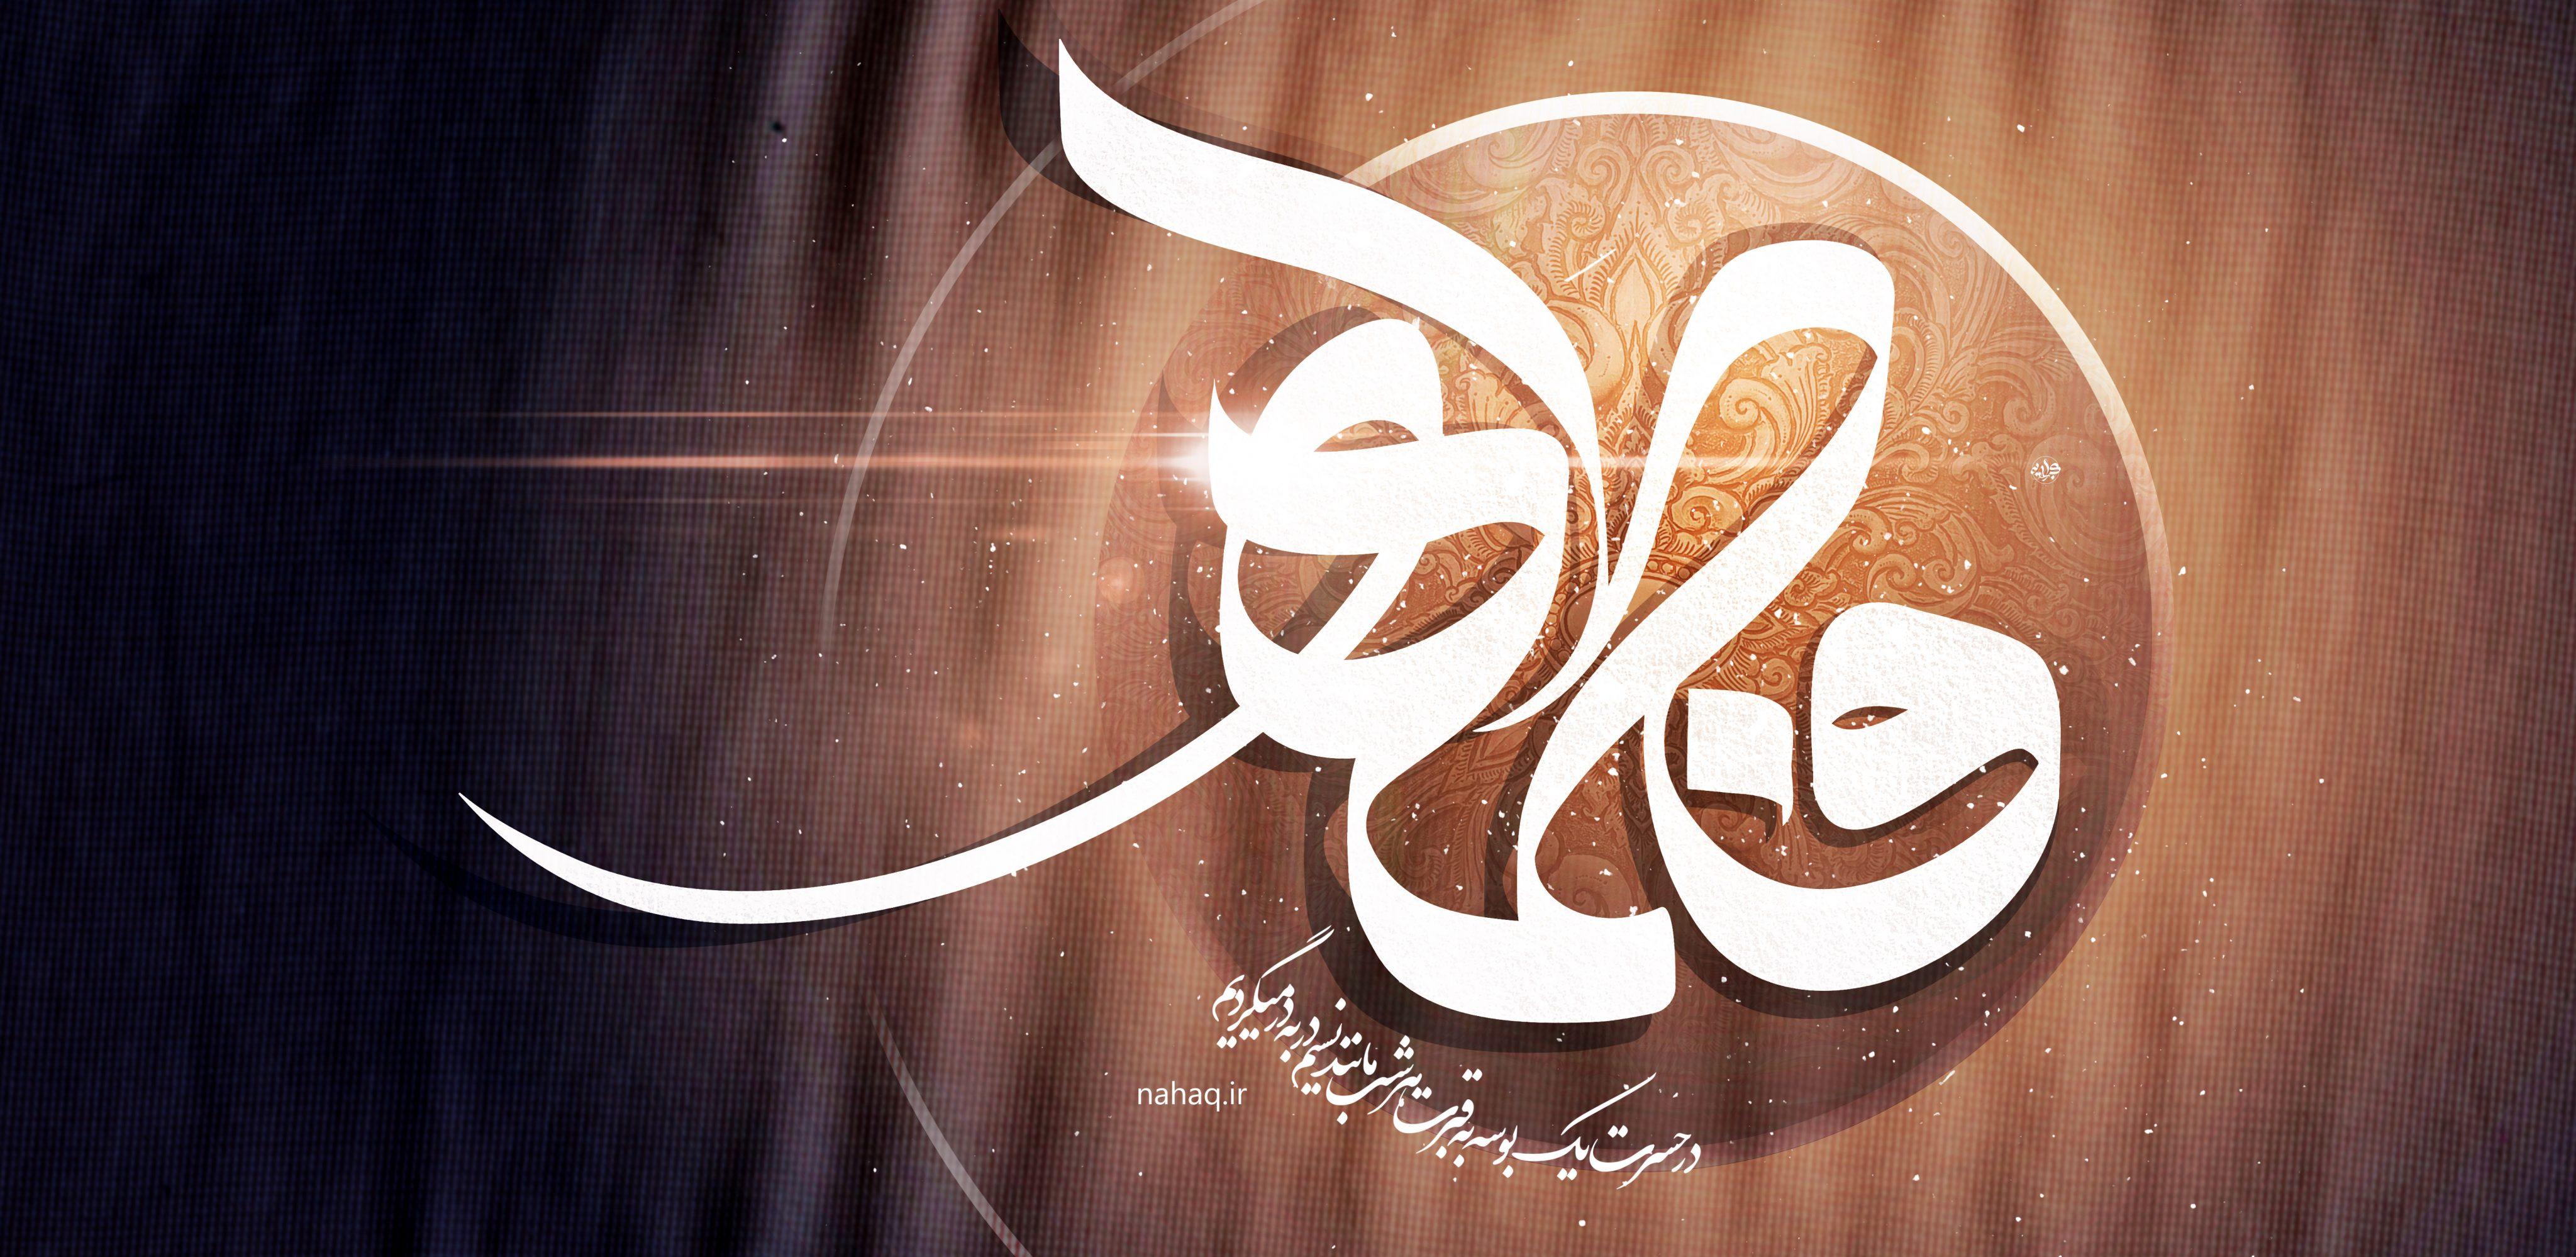 پوستر حضرت زهرا : در حسرت یک بوسه به قبرت